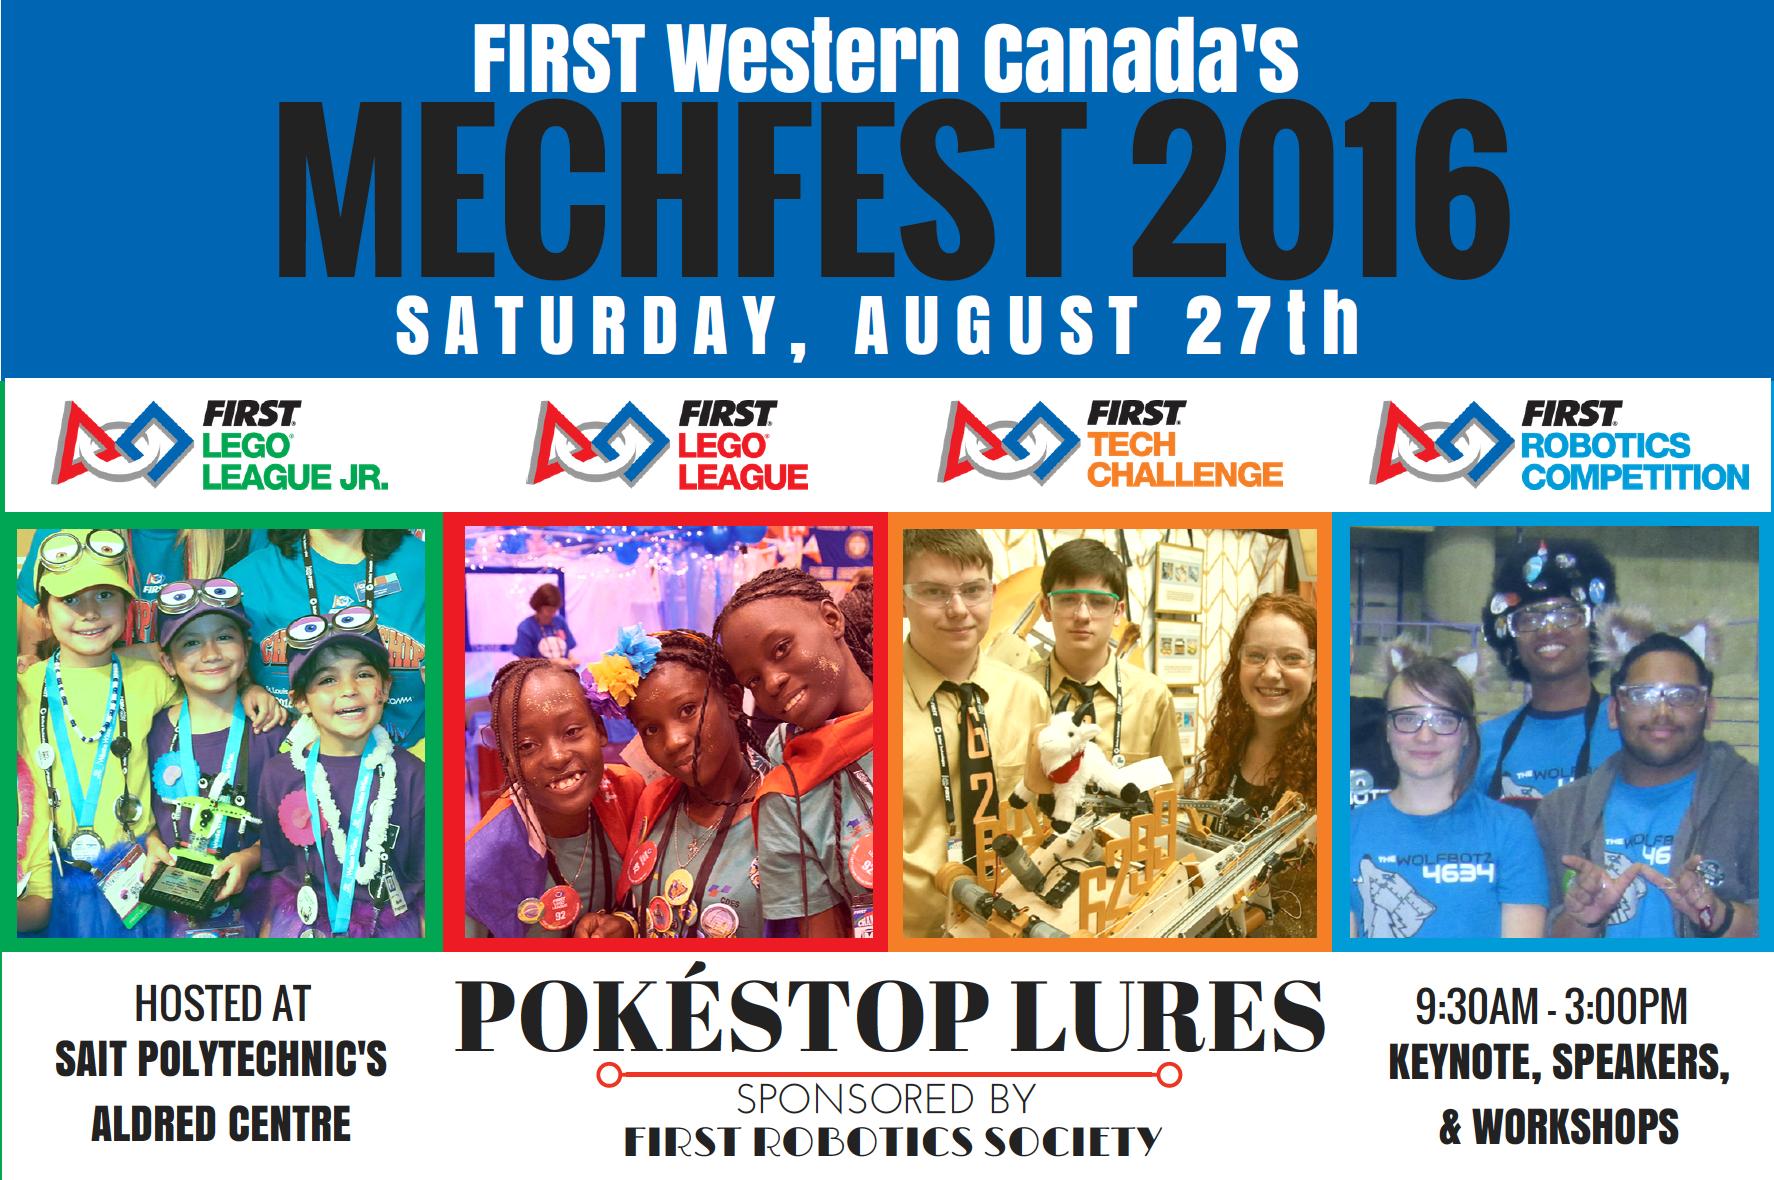 FIRST Western Canada